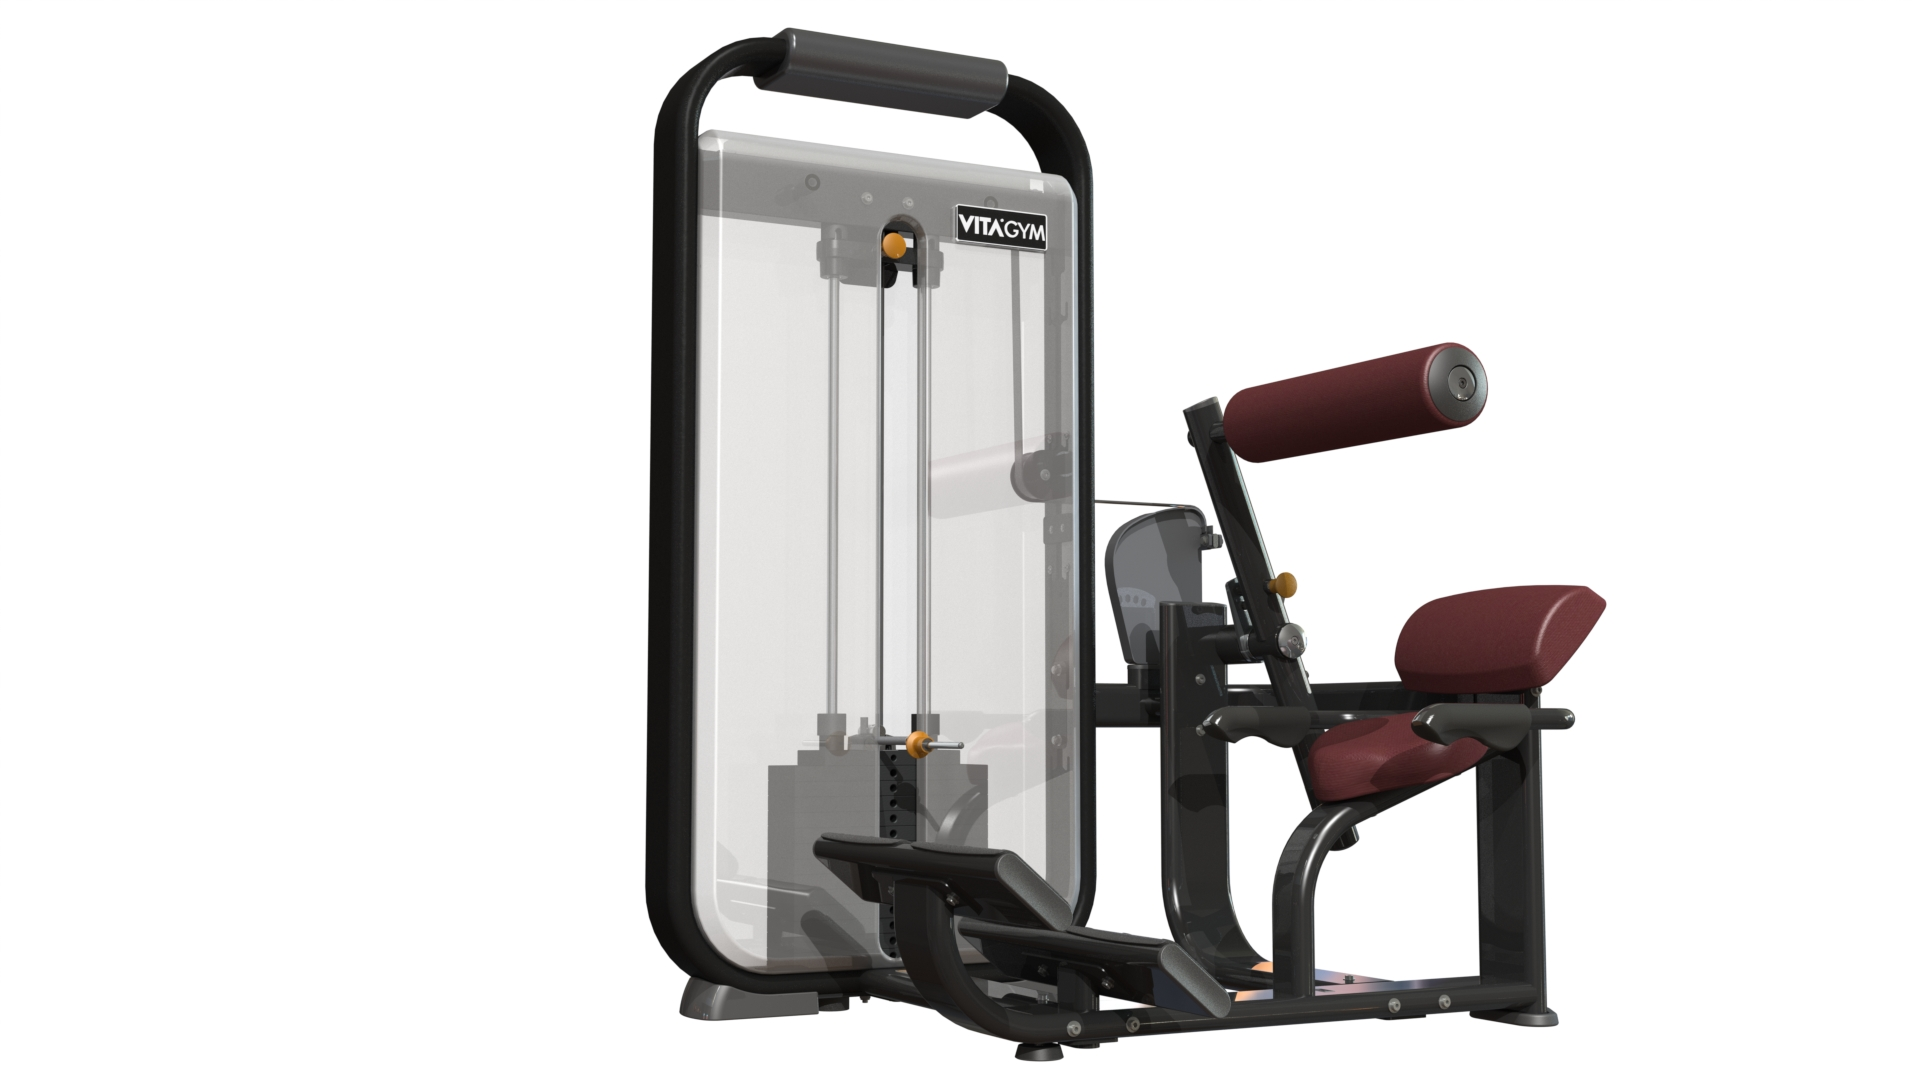 坐式背腹肌训练机